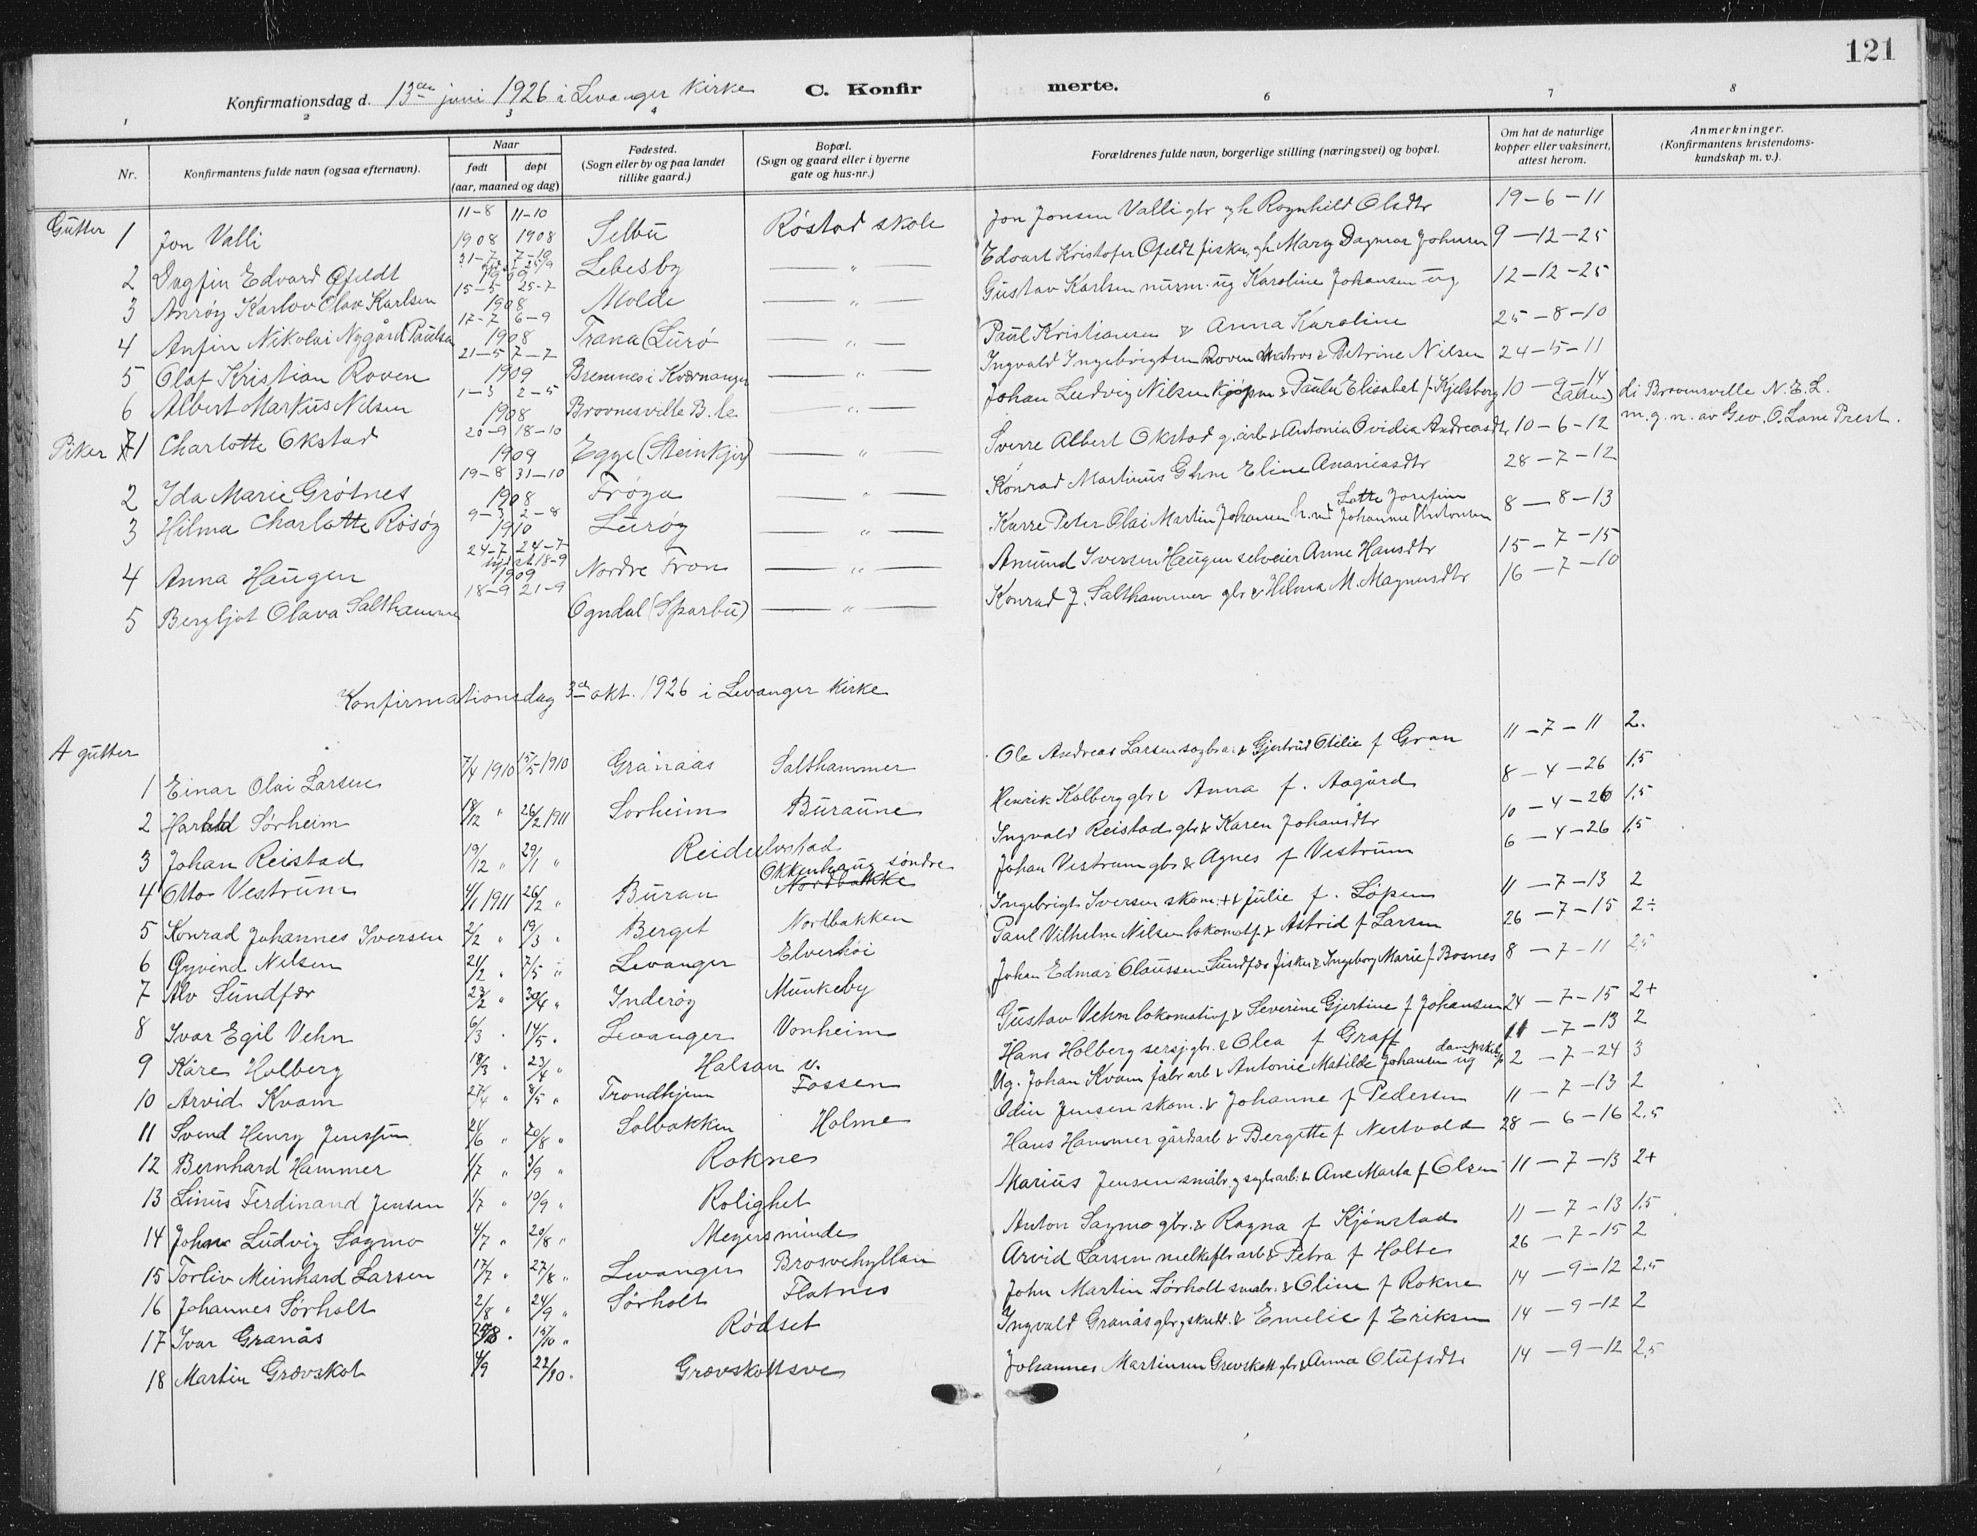 SAT, Ministerialprotokoller, klokkerbøker og fødselsregistre - Nord-Trøndelag, 721/L0209: Klokkerbok nr. 721C02, 1918-1940, s. 121